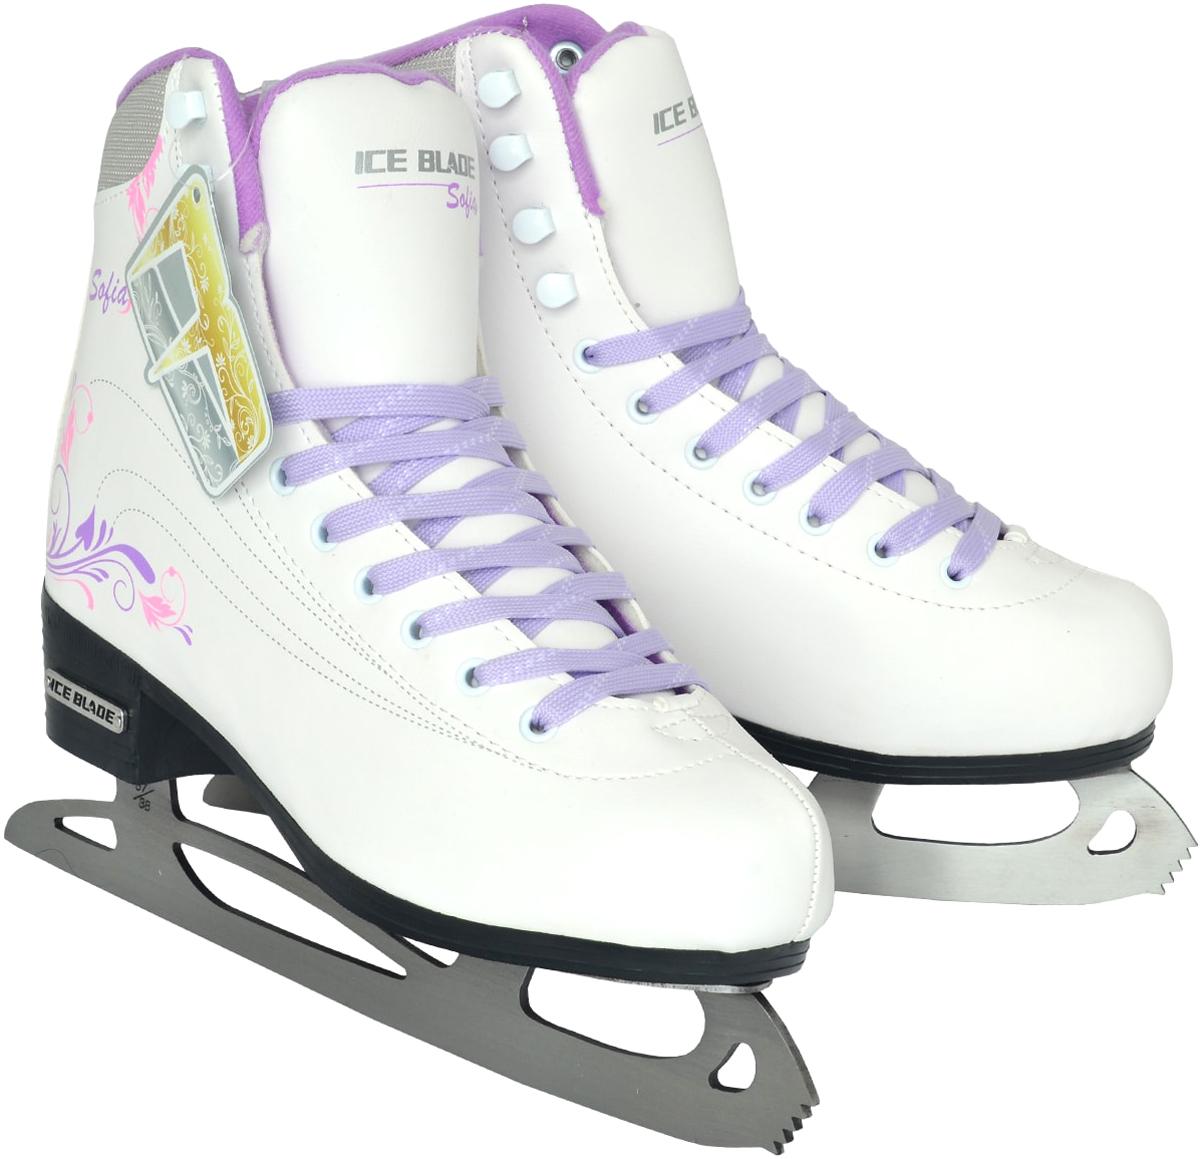 Коньки фигурные женские Ice Blade Sofia, цвет: белый, сиреневый. Размер 35